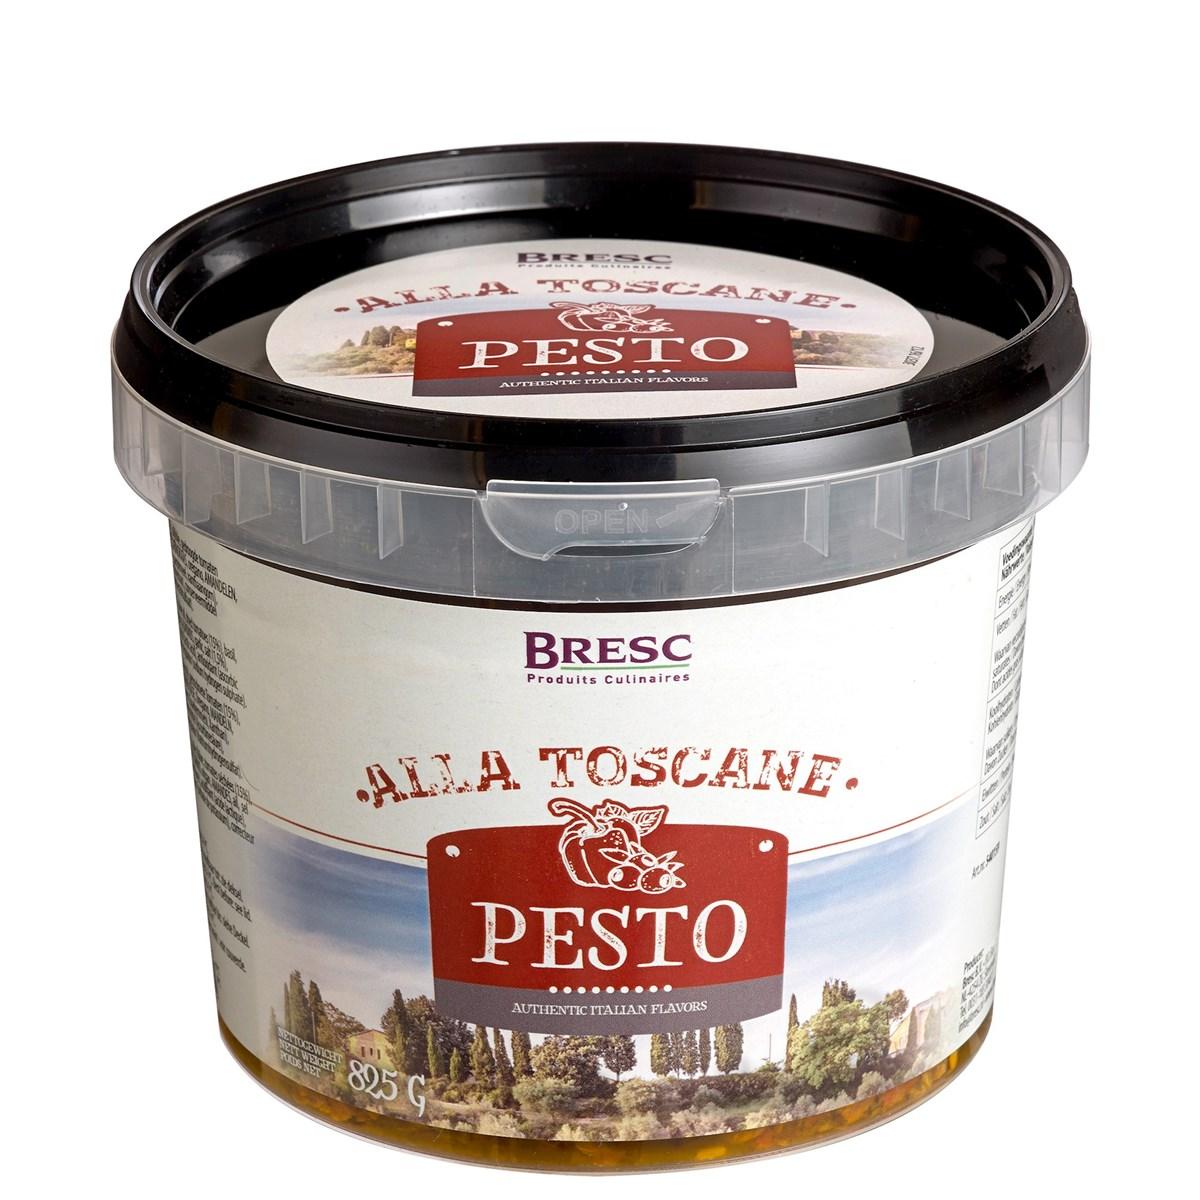 Pesto alla Toscane 825g